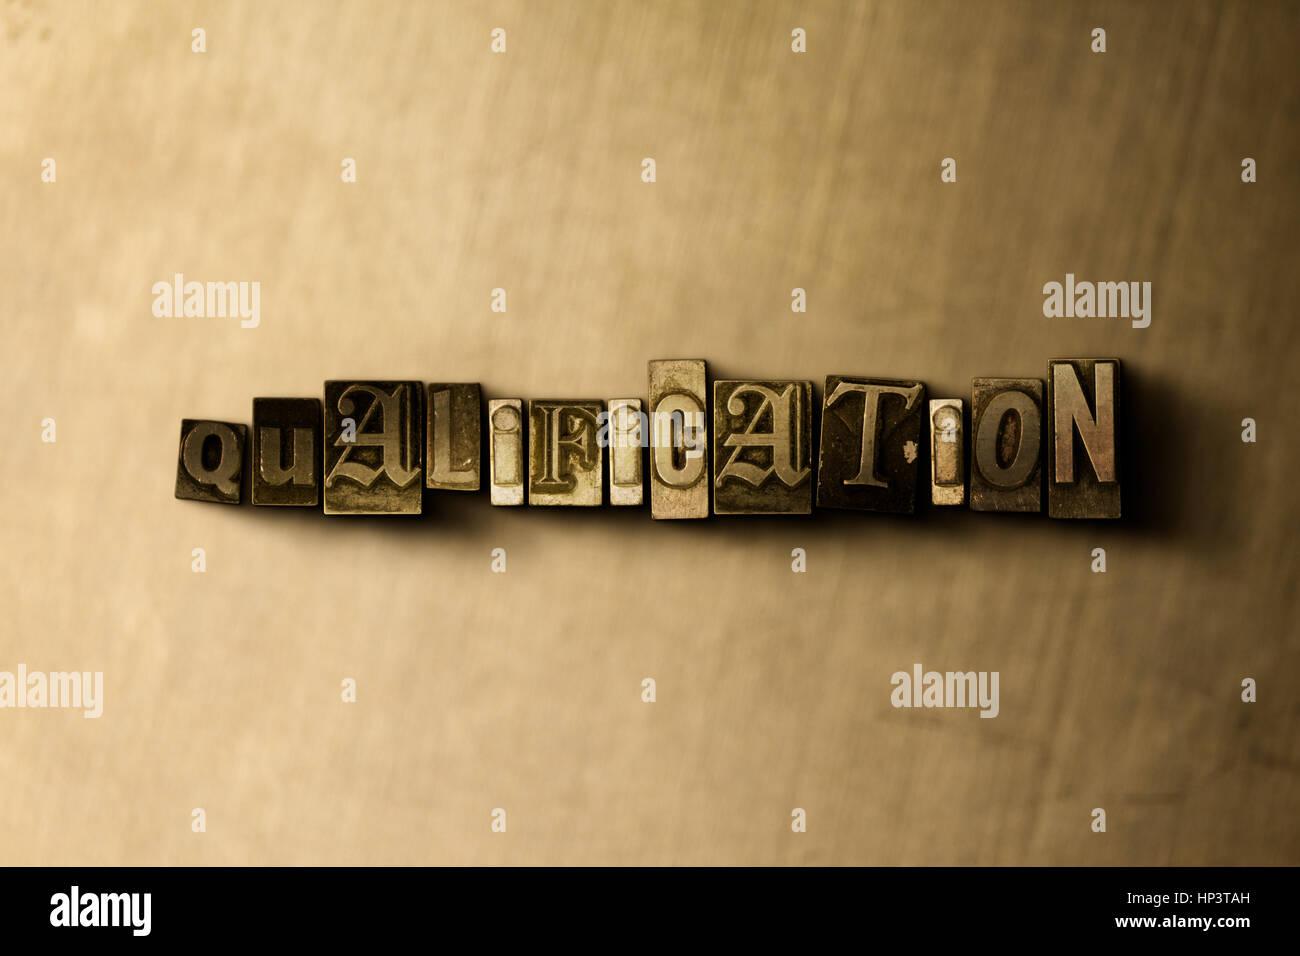 La calificación - close-up de sucio vintage tipografía palabra sobre metal como telón de fondo. Royalty Imagen De Stock